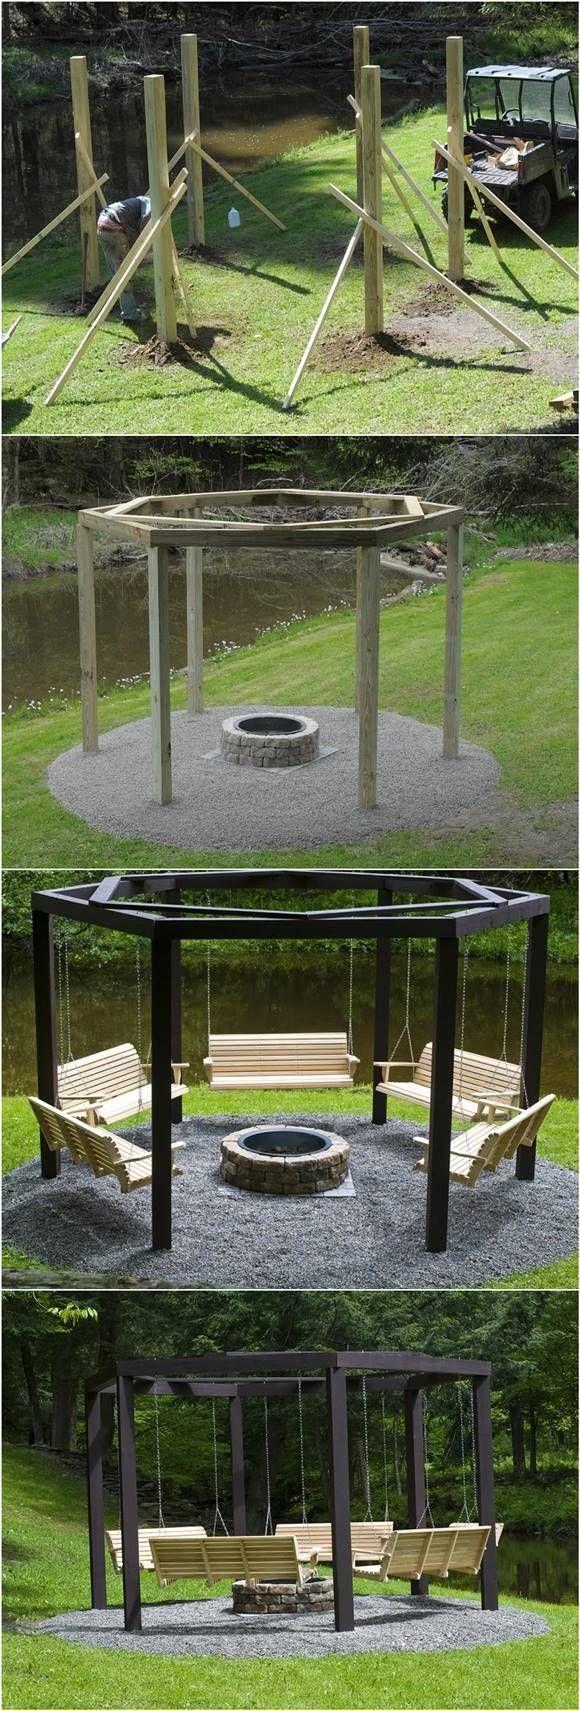 DIY Hinterhof Feuerstelle mit Schaukel Sitze # Hin…